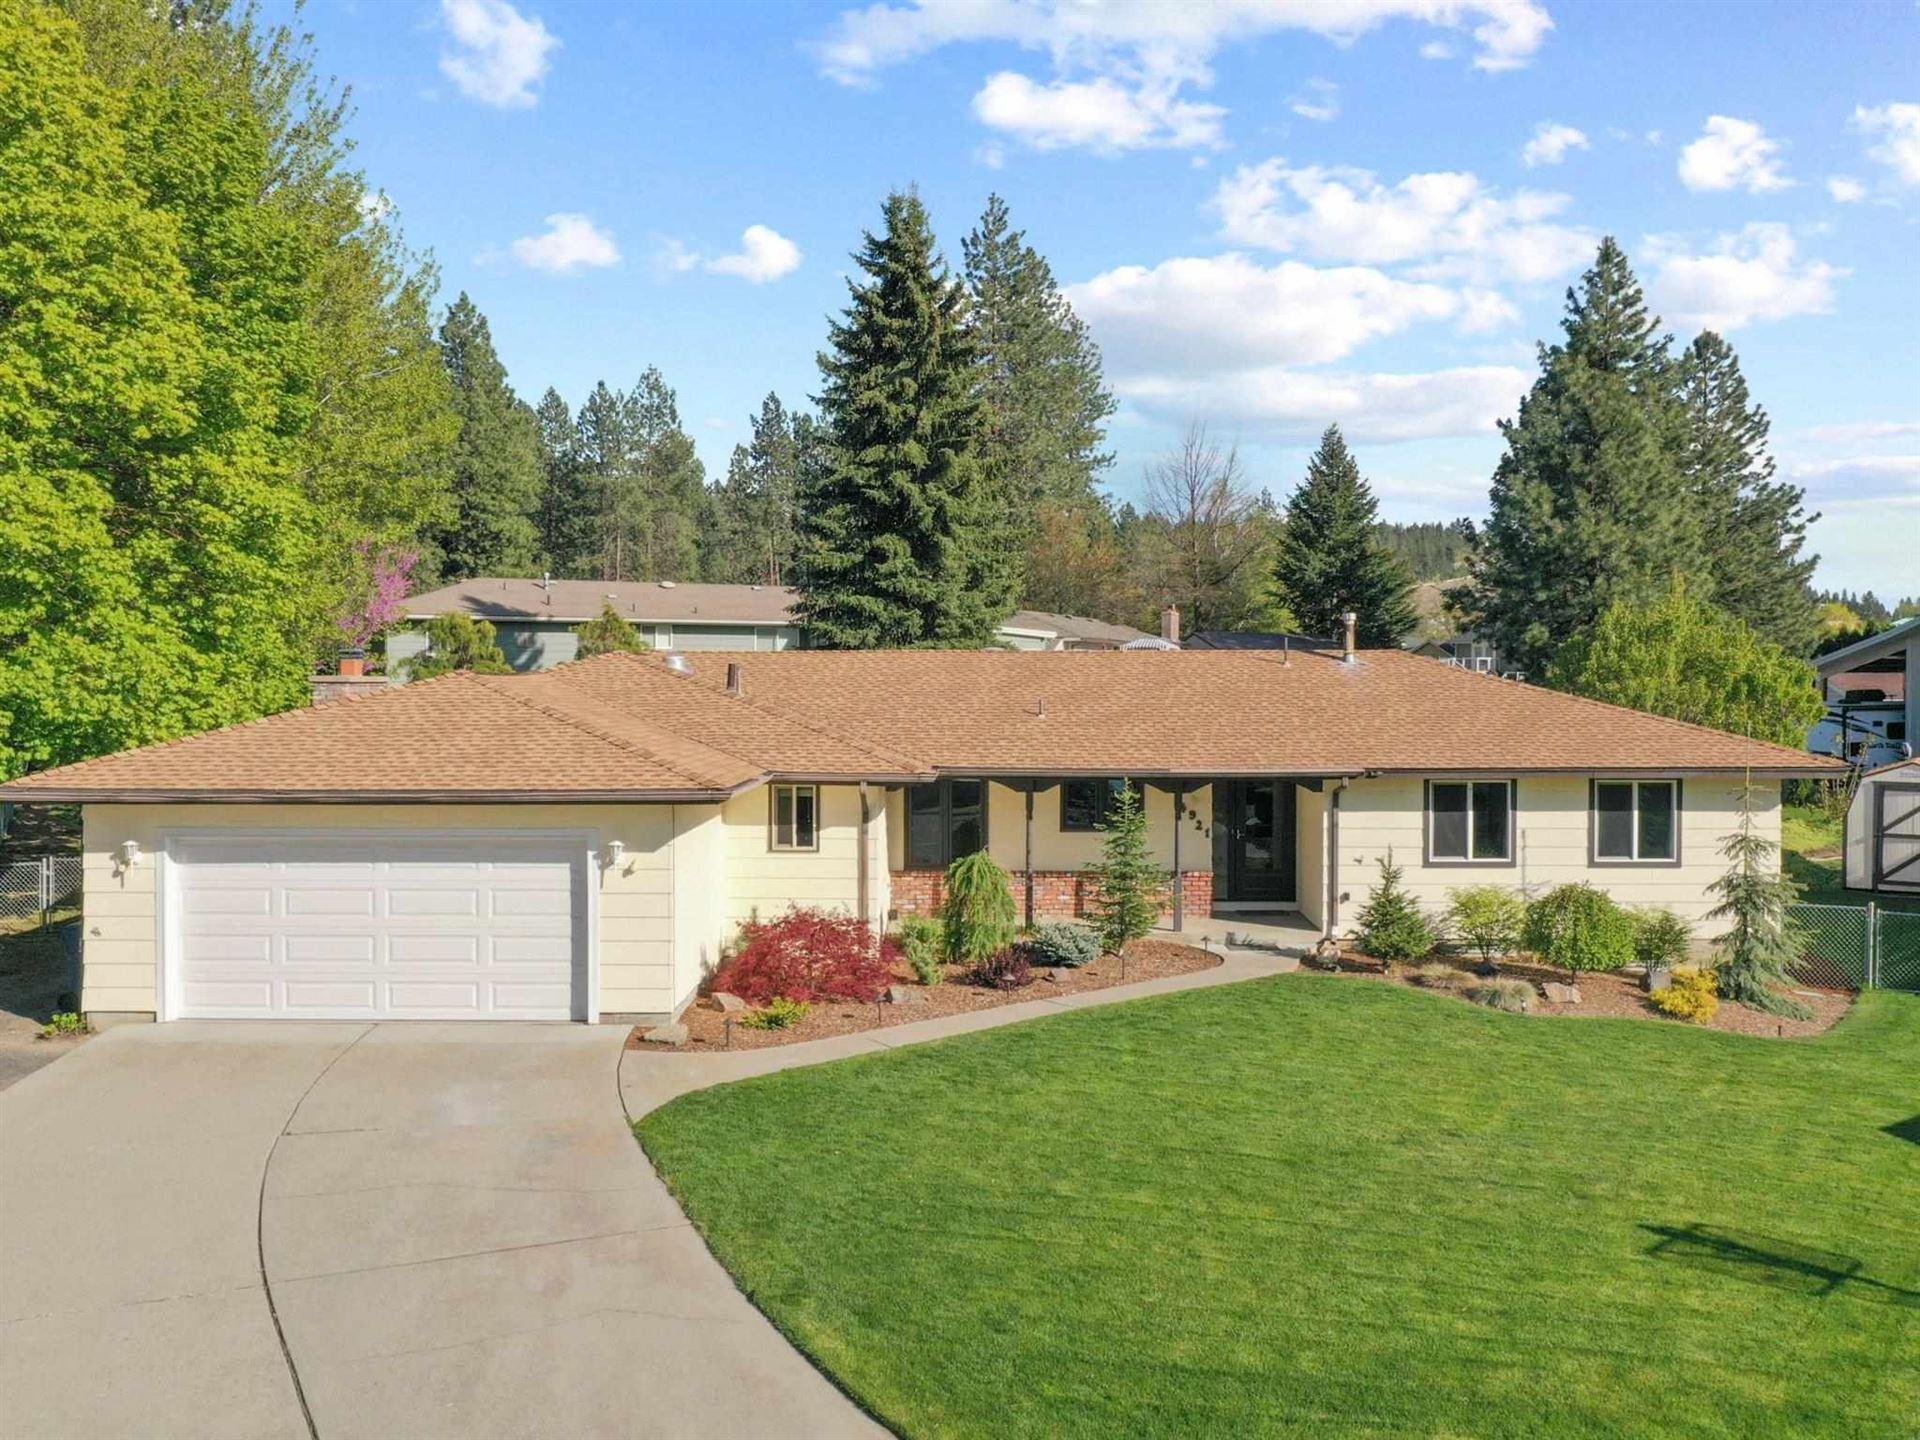 4921 W Londale Ct, Spokane, WA 99208 - #: 202115027